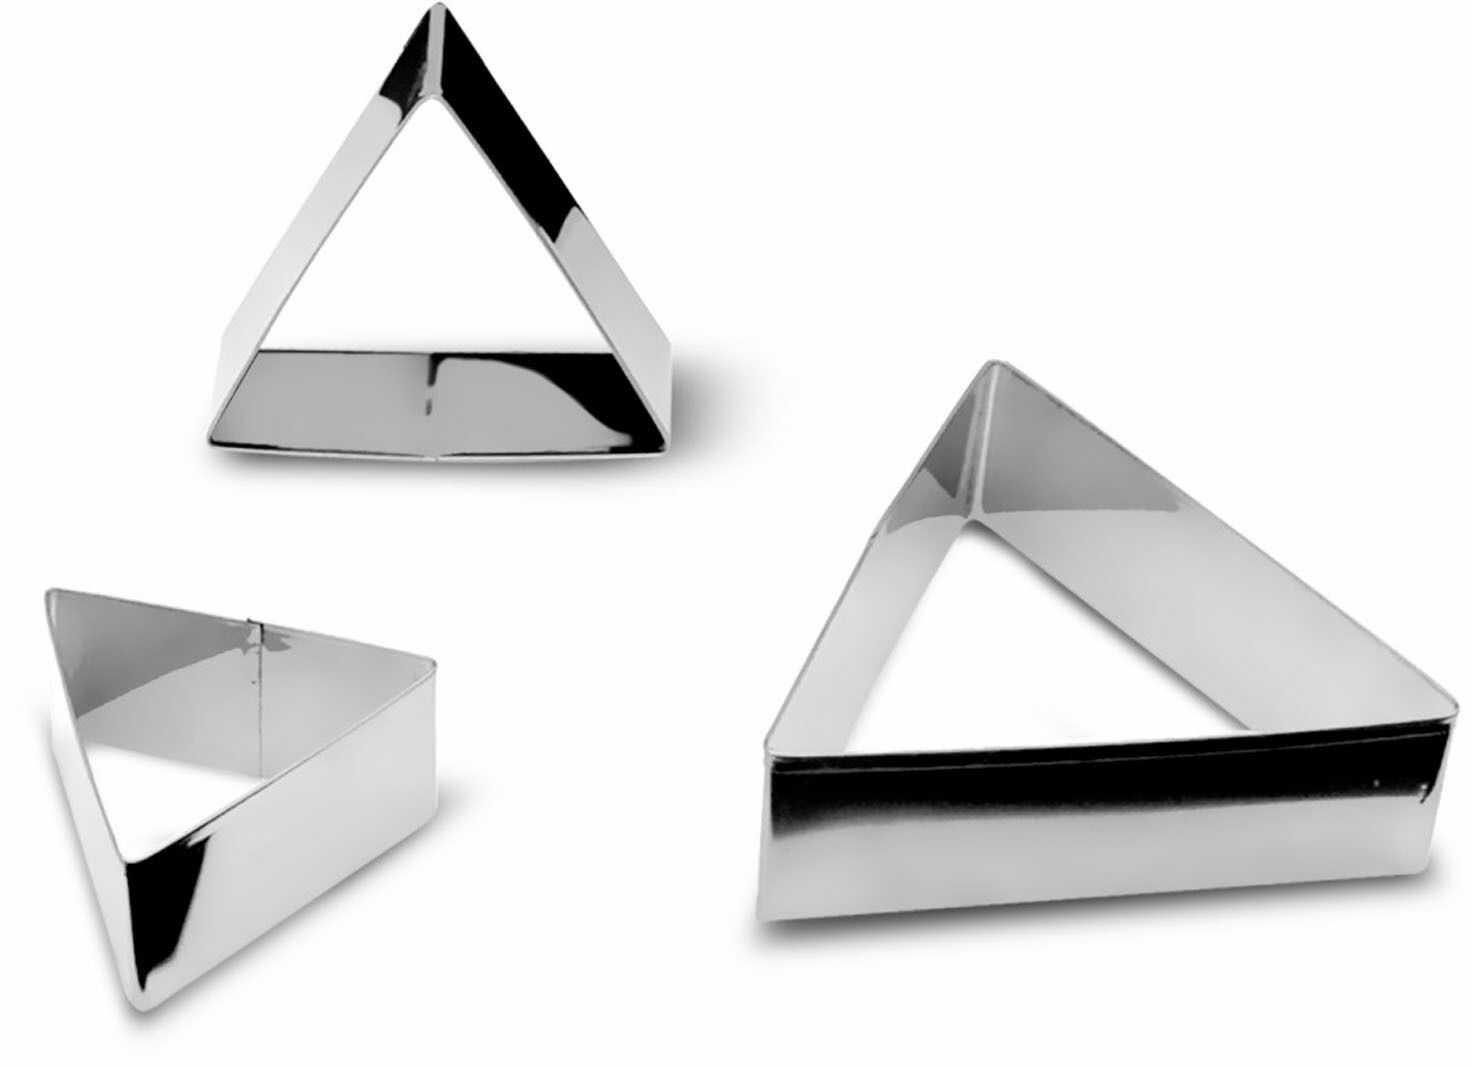 Zestaw 3 foremek do ciastek w kształcie trójkątów